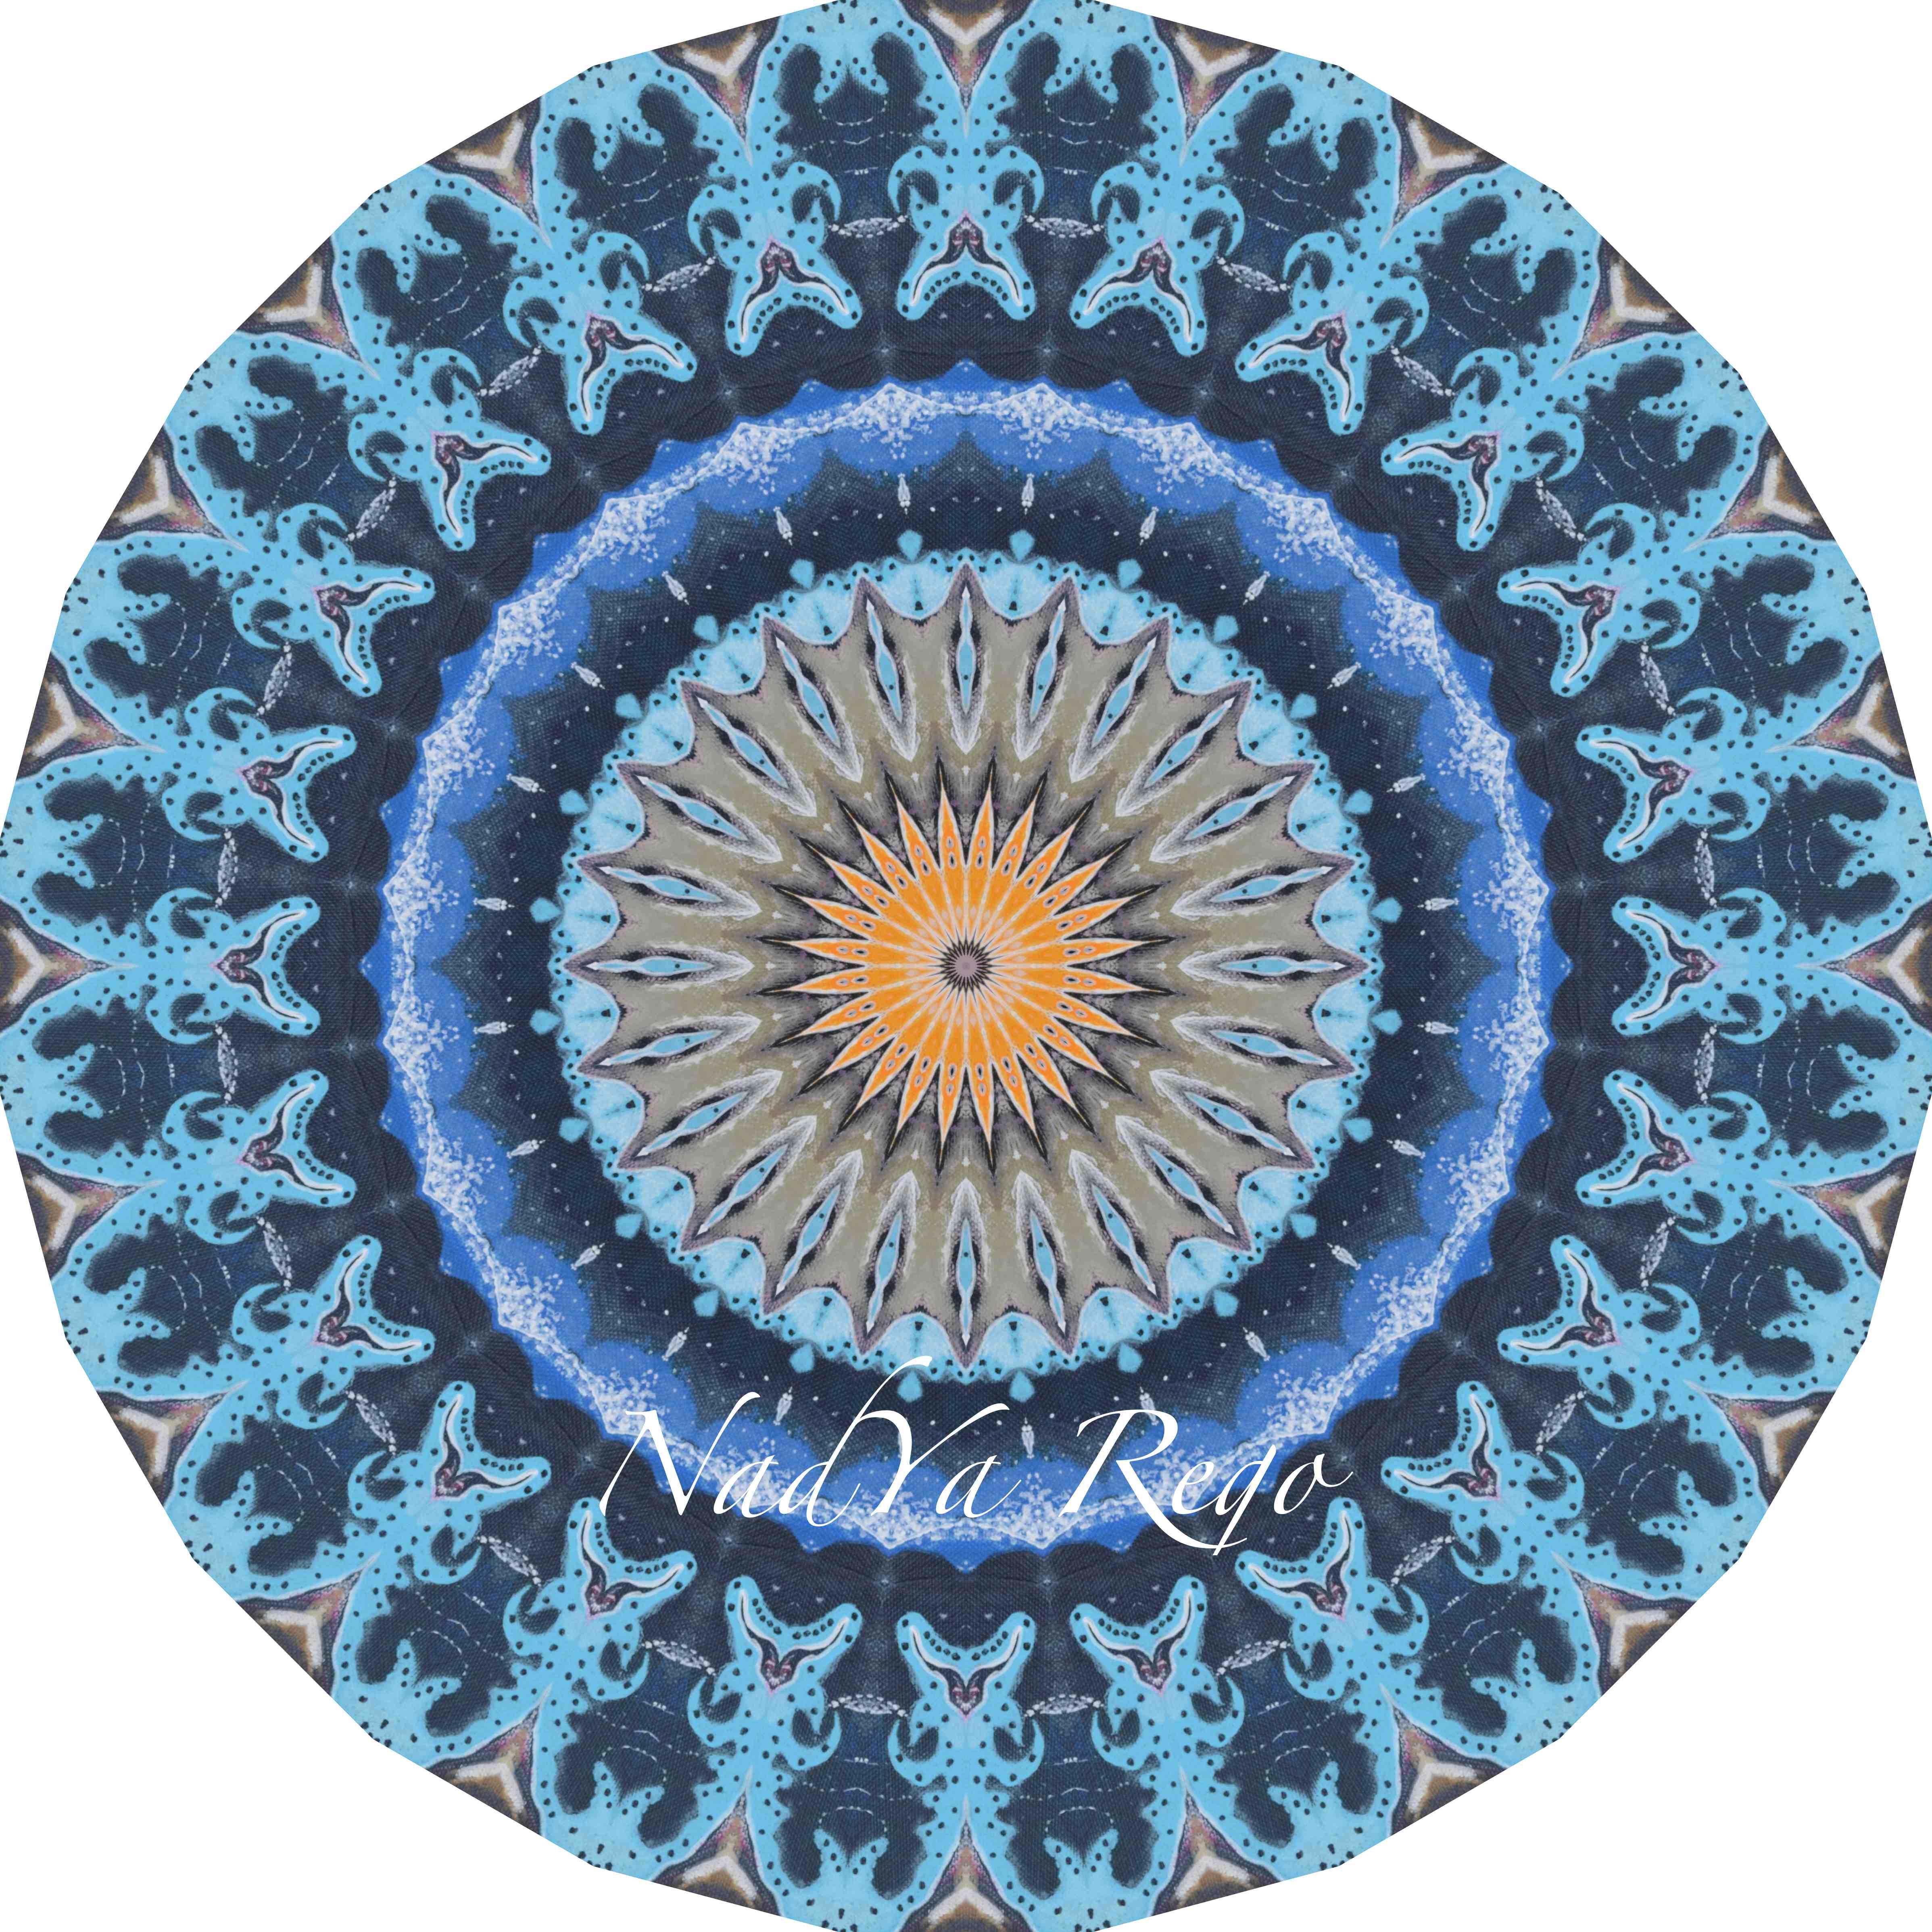 Fabric design _0005_2i_